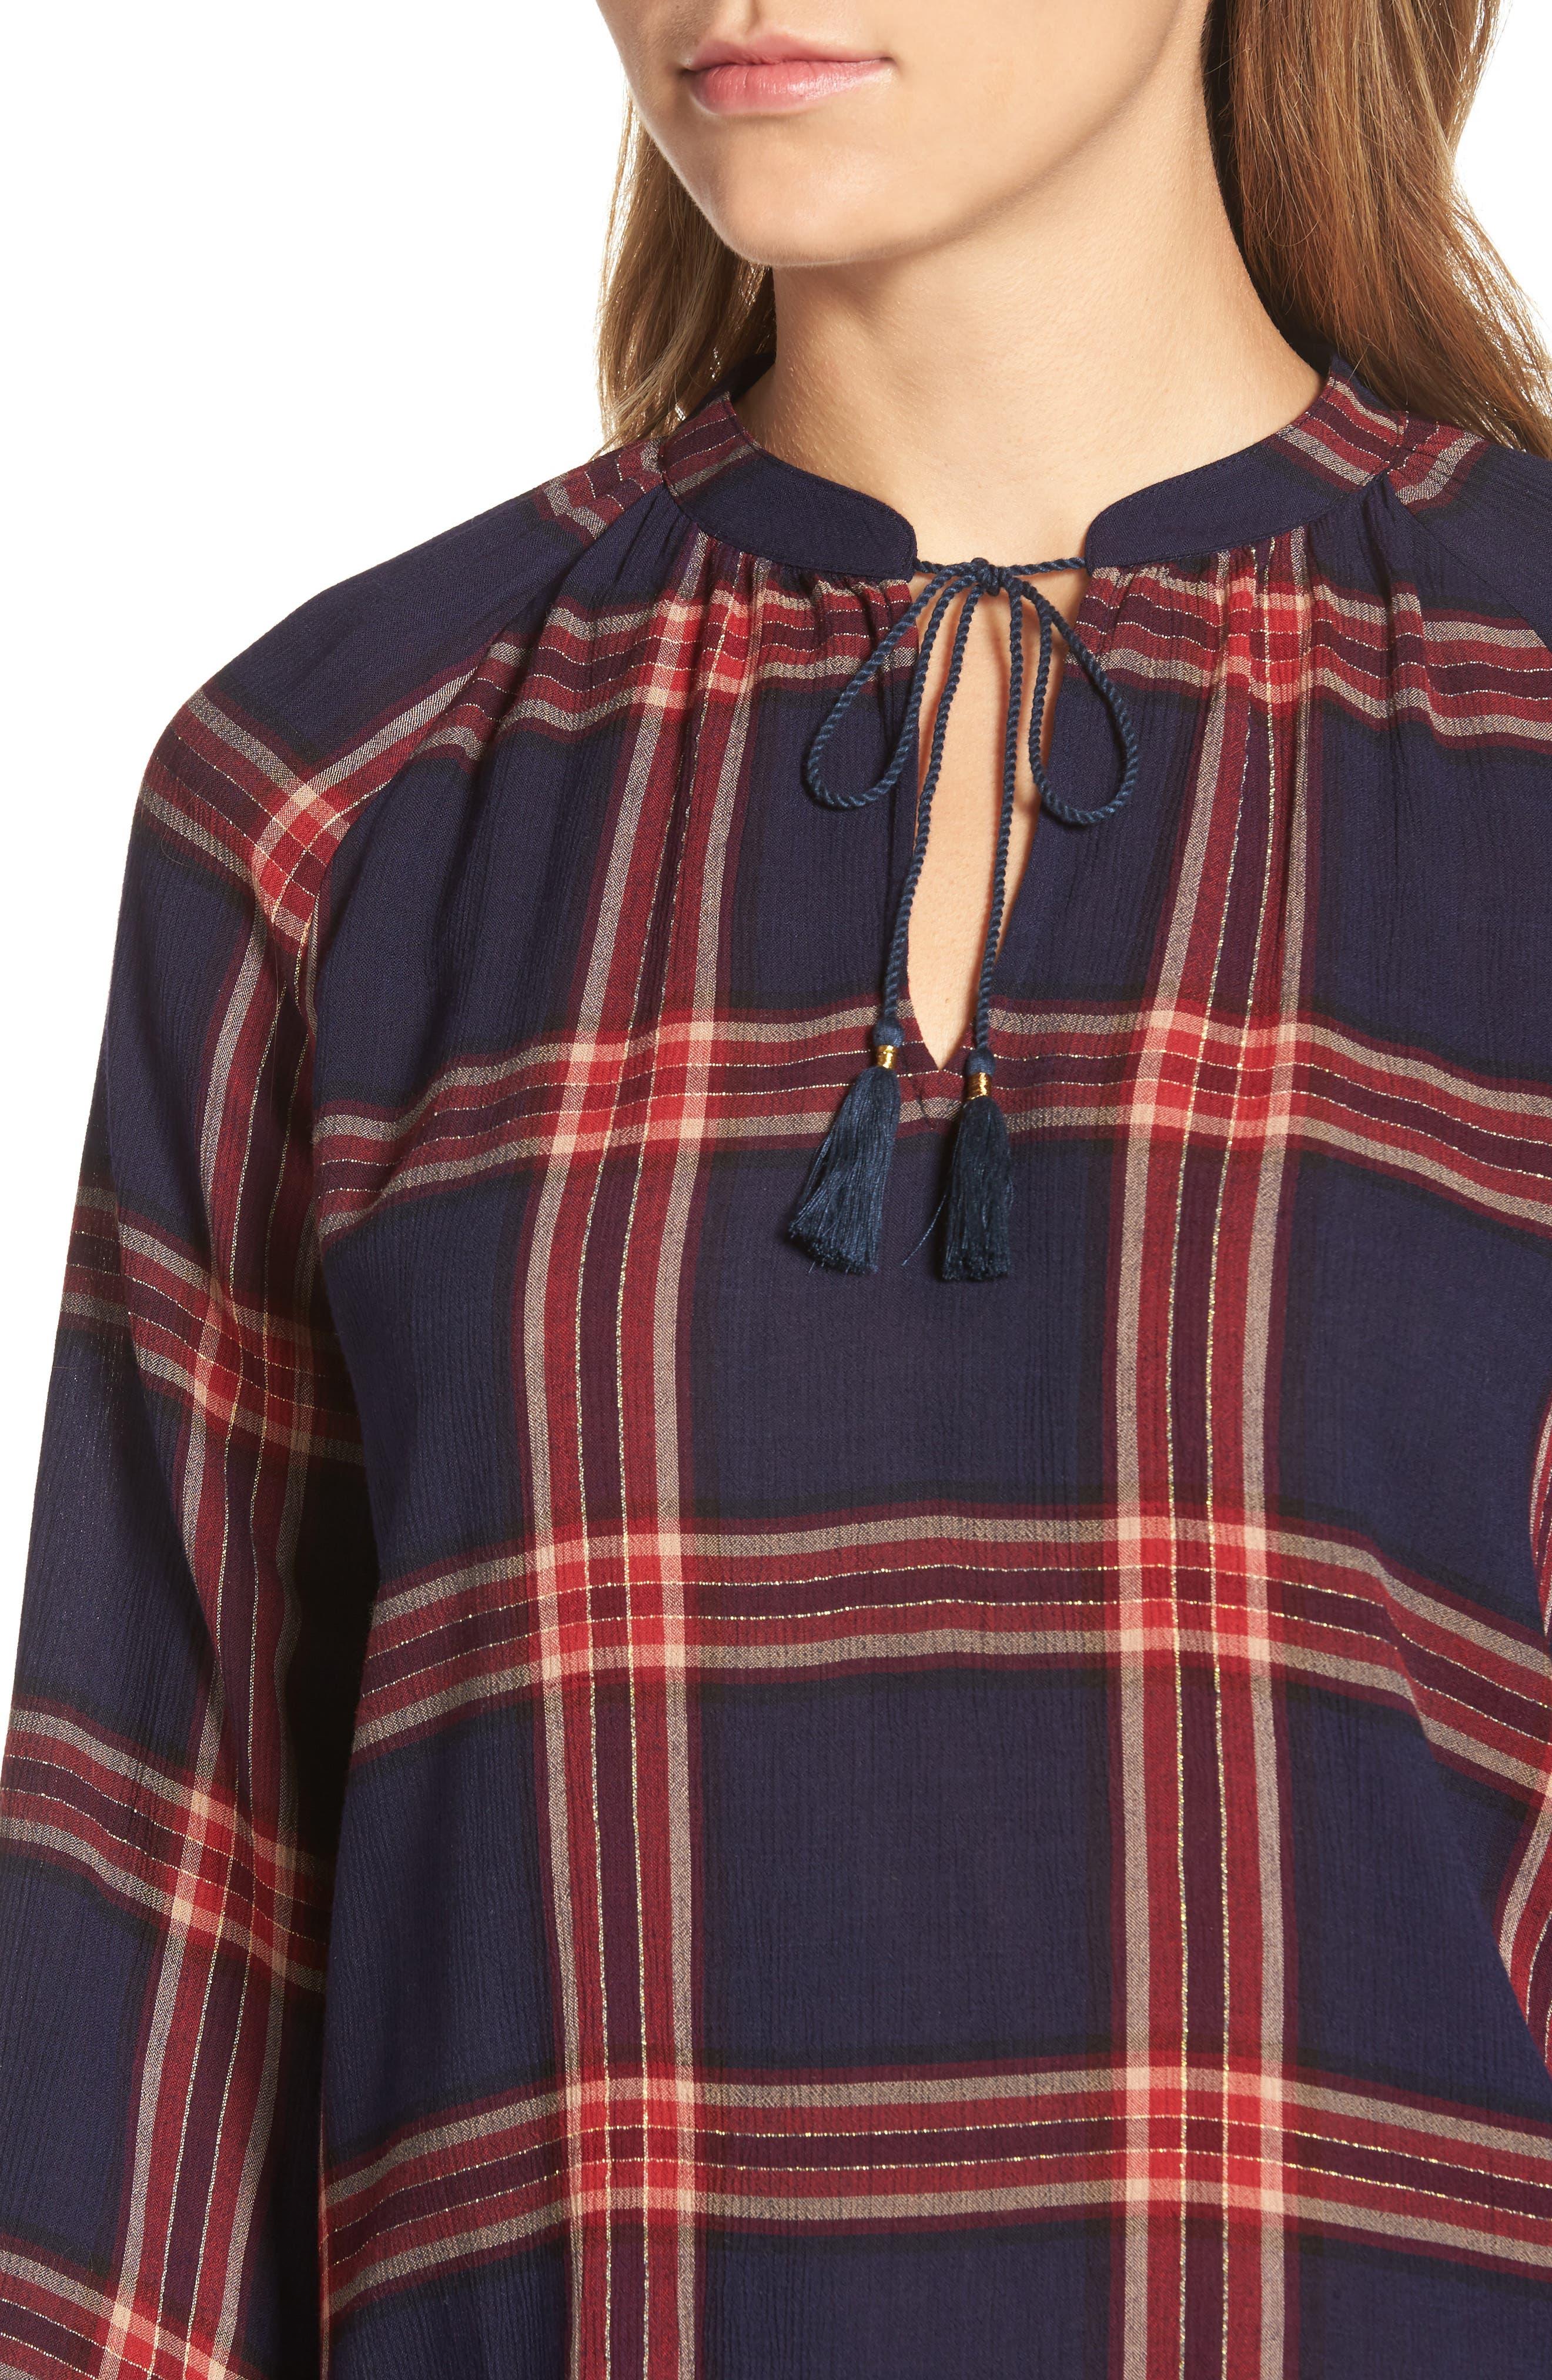 Plaid Shirt,                             Alternate thumbnail 4, color,                             Navy Multi